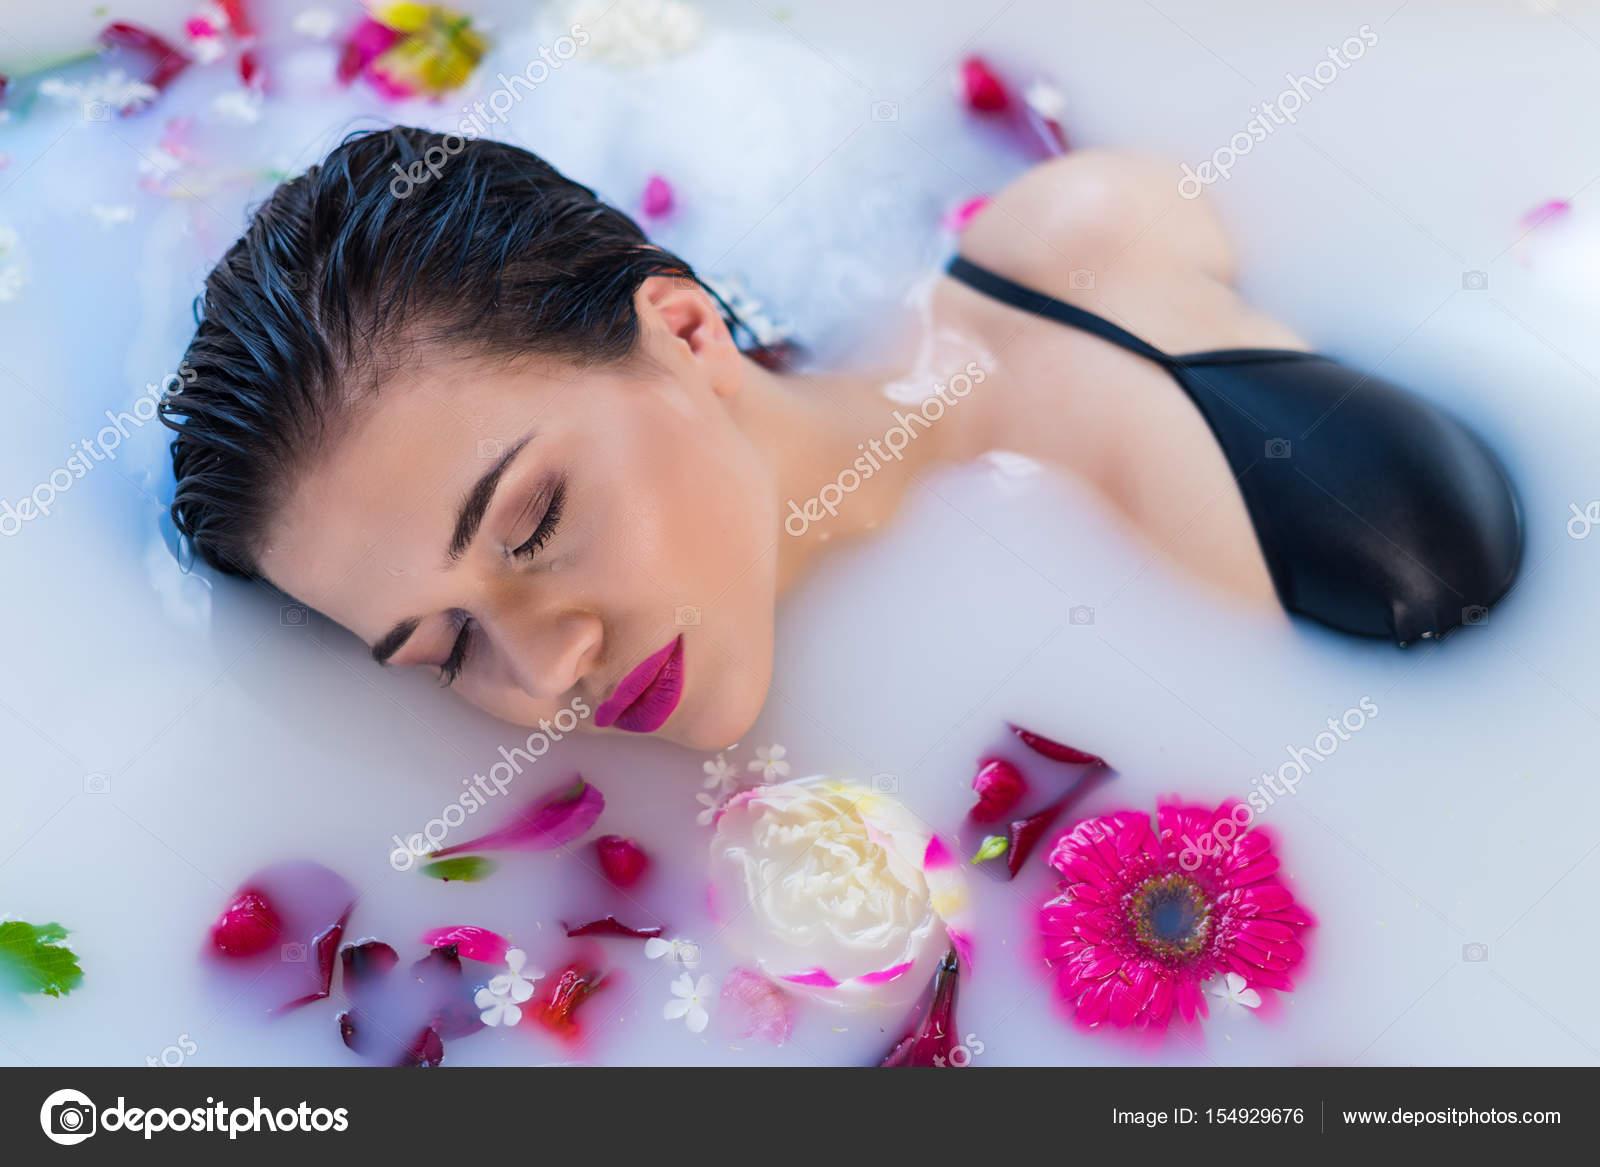 szex meleg fürdő tom sizemore pornó